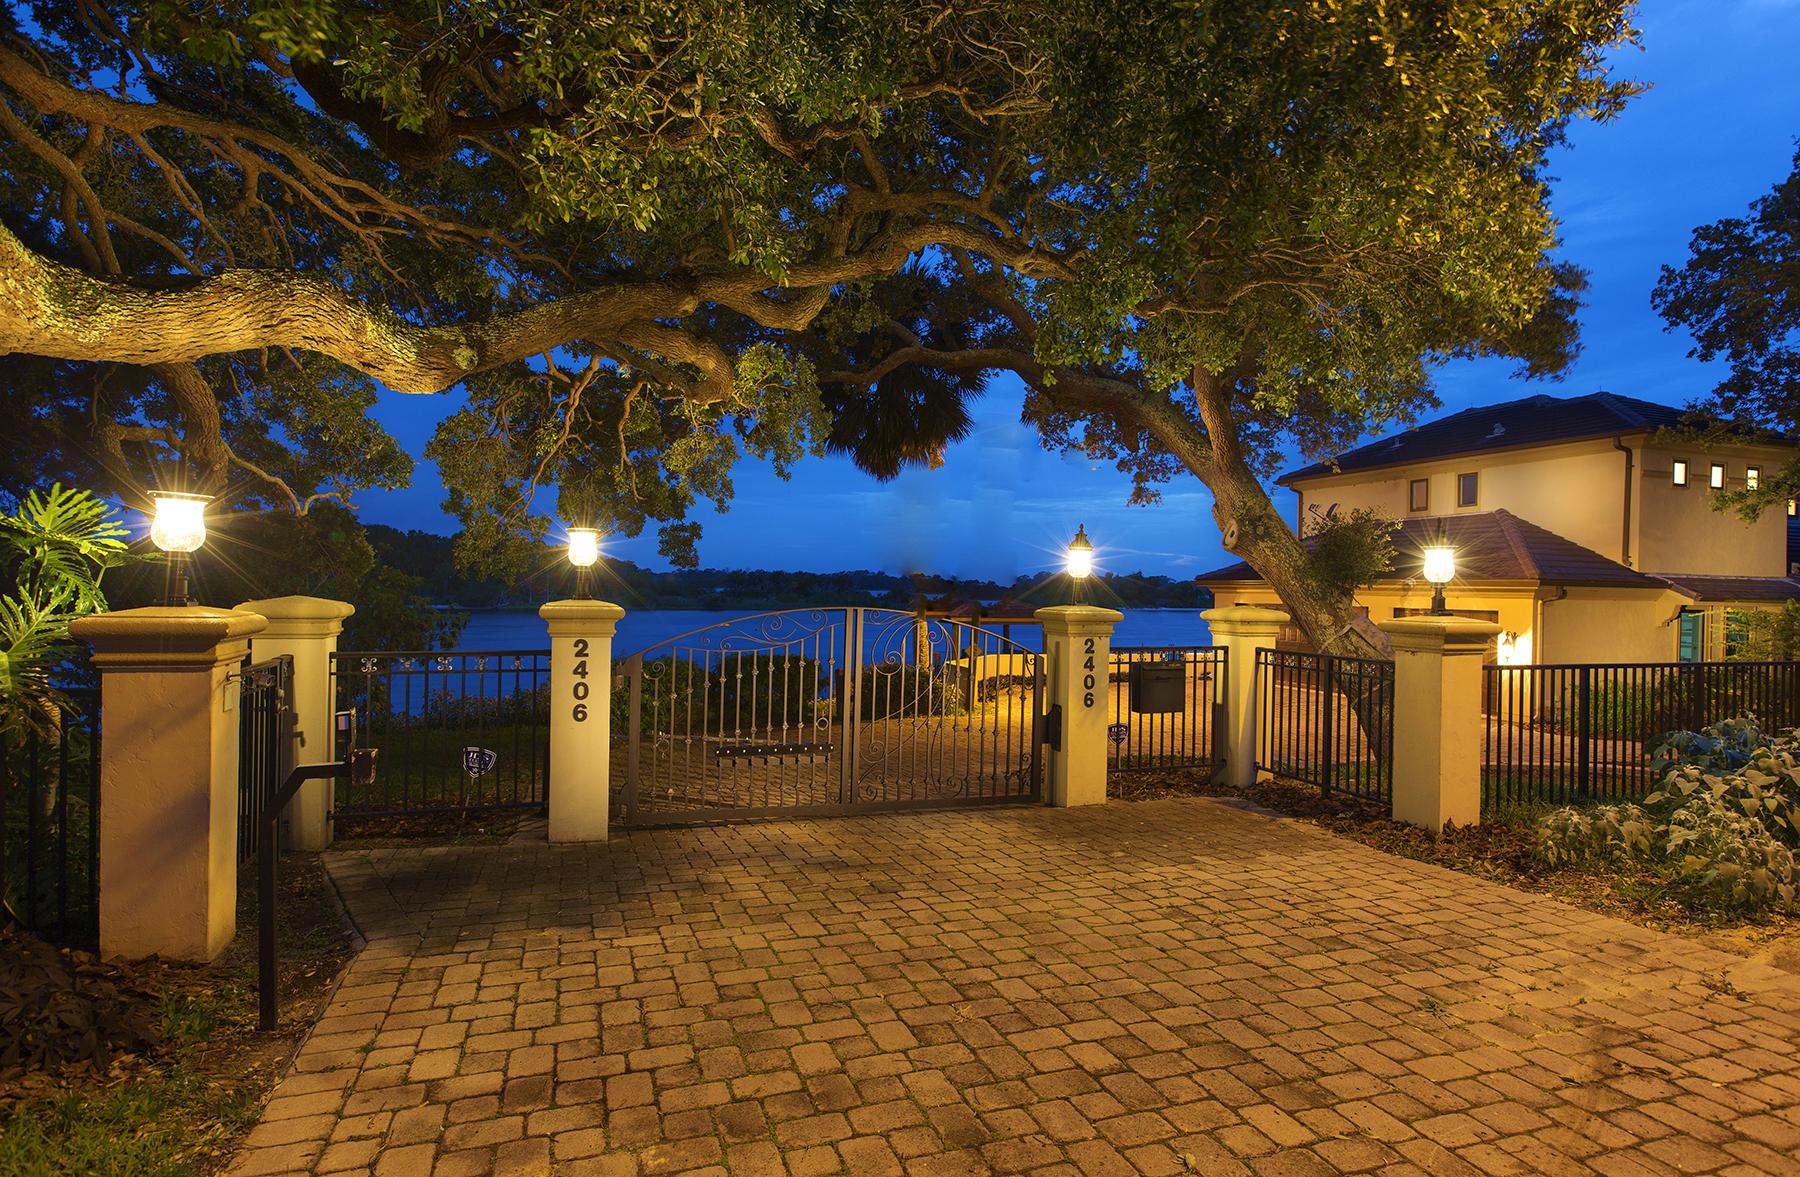 獨棟家庭住宅 為 出售 在 ORMOND BEACH FLORIDA 2406 John Anderson Dr Ormond Beach, 佛羅里達州, 32176 美國